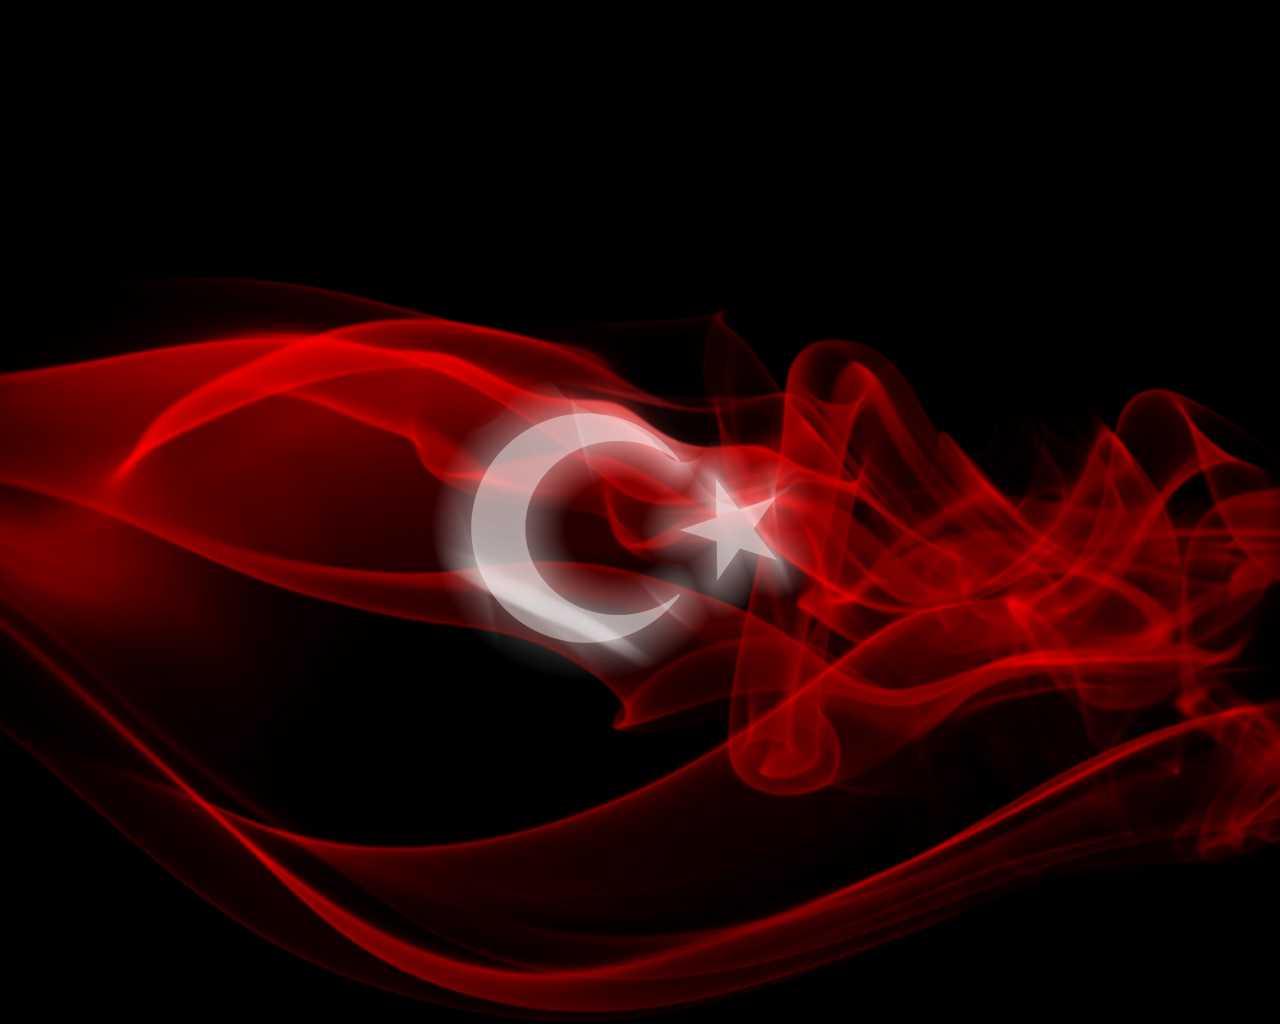 Προκαλεί η απάντηση της Τουρκίας για τα μέτρα της ΕΕ